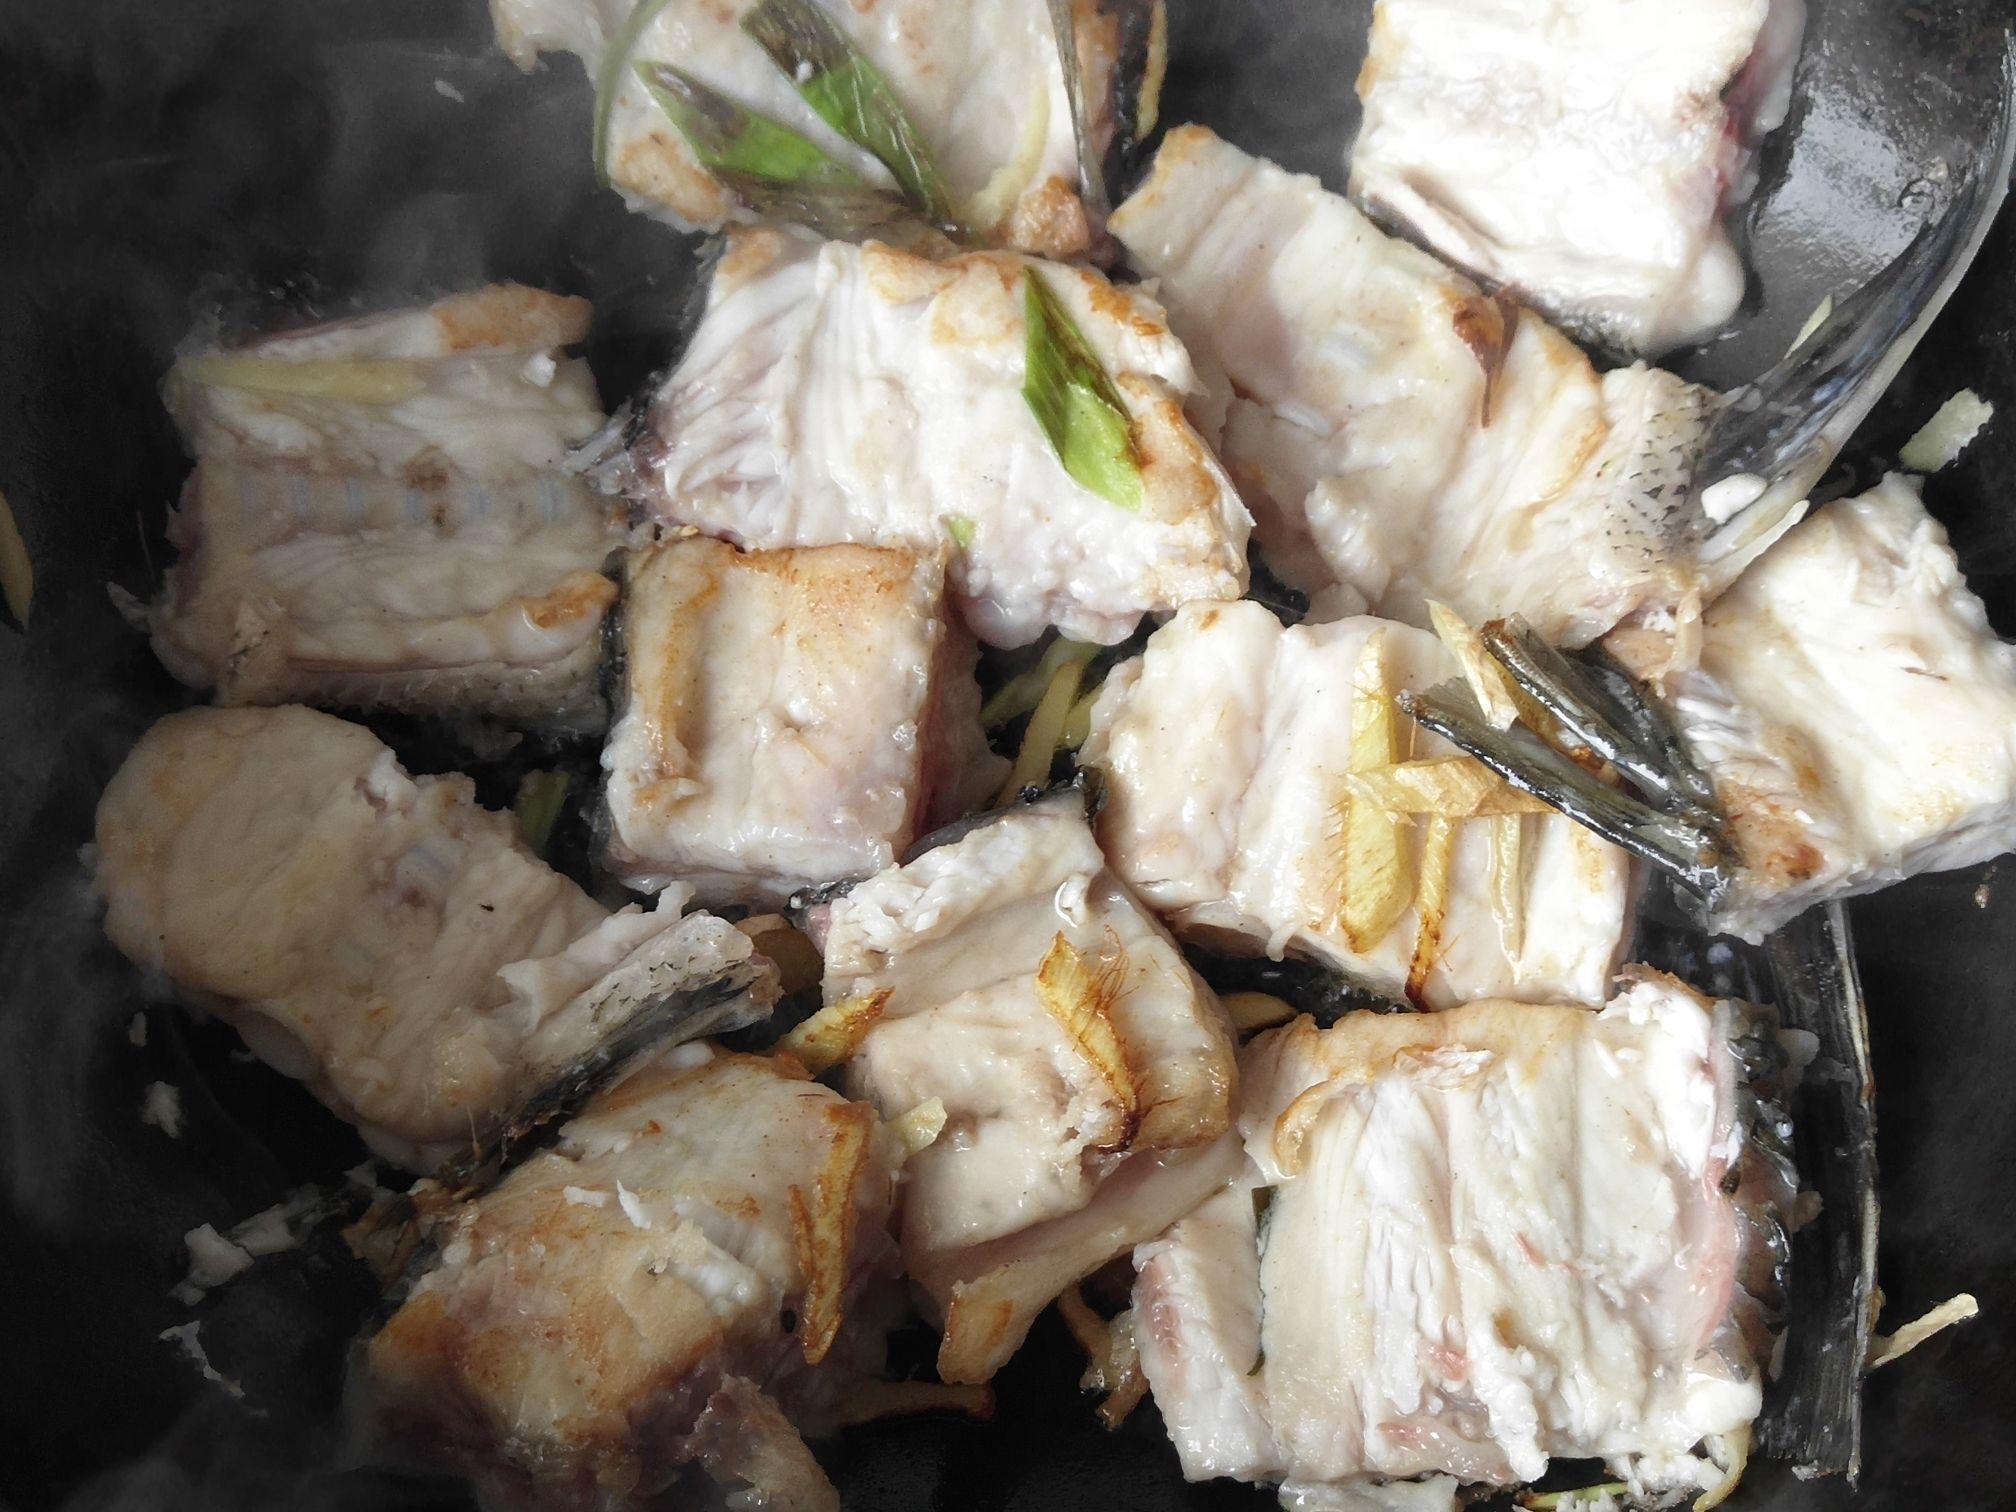 鱼骨汤面的简单做法